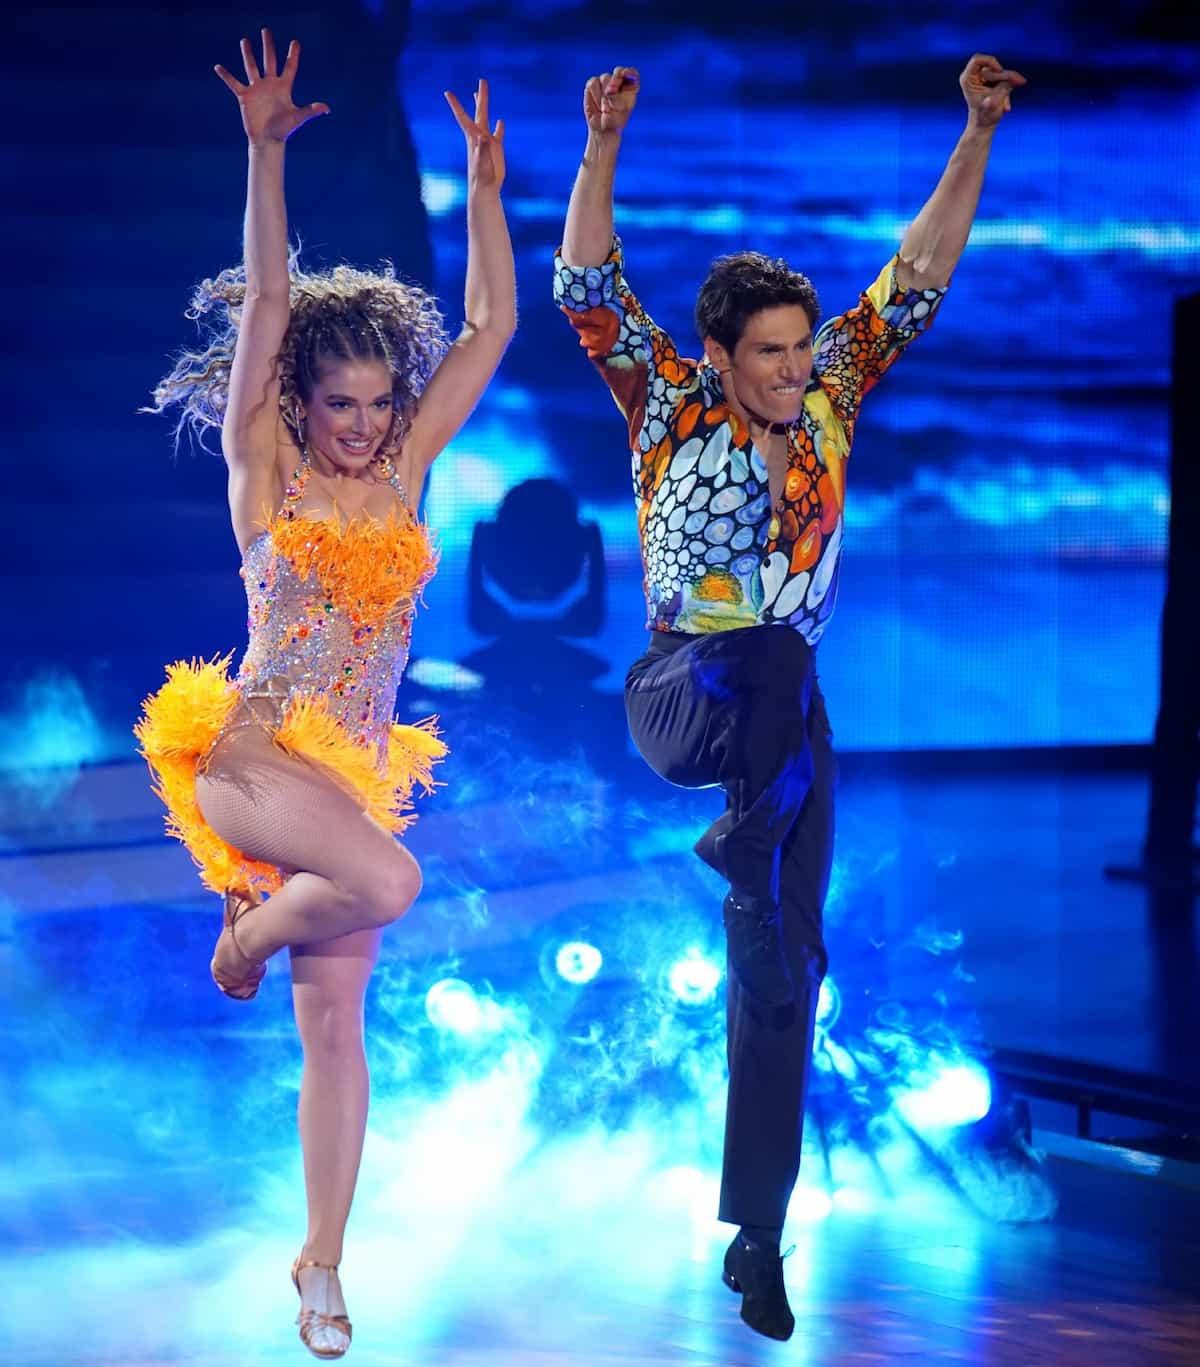 Lola Weippert und Christina Polanc bei Let's dance am 9.4.2021